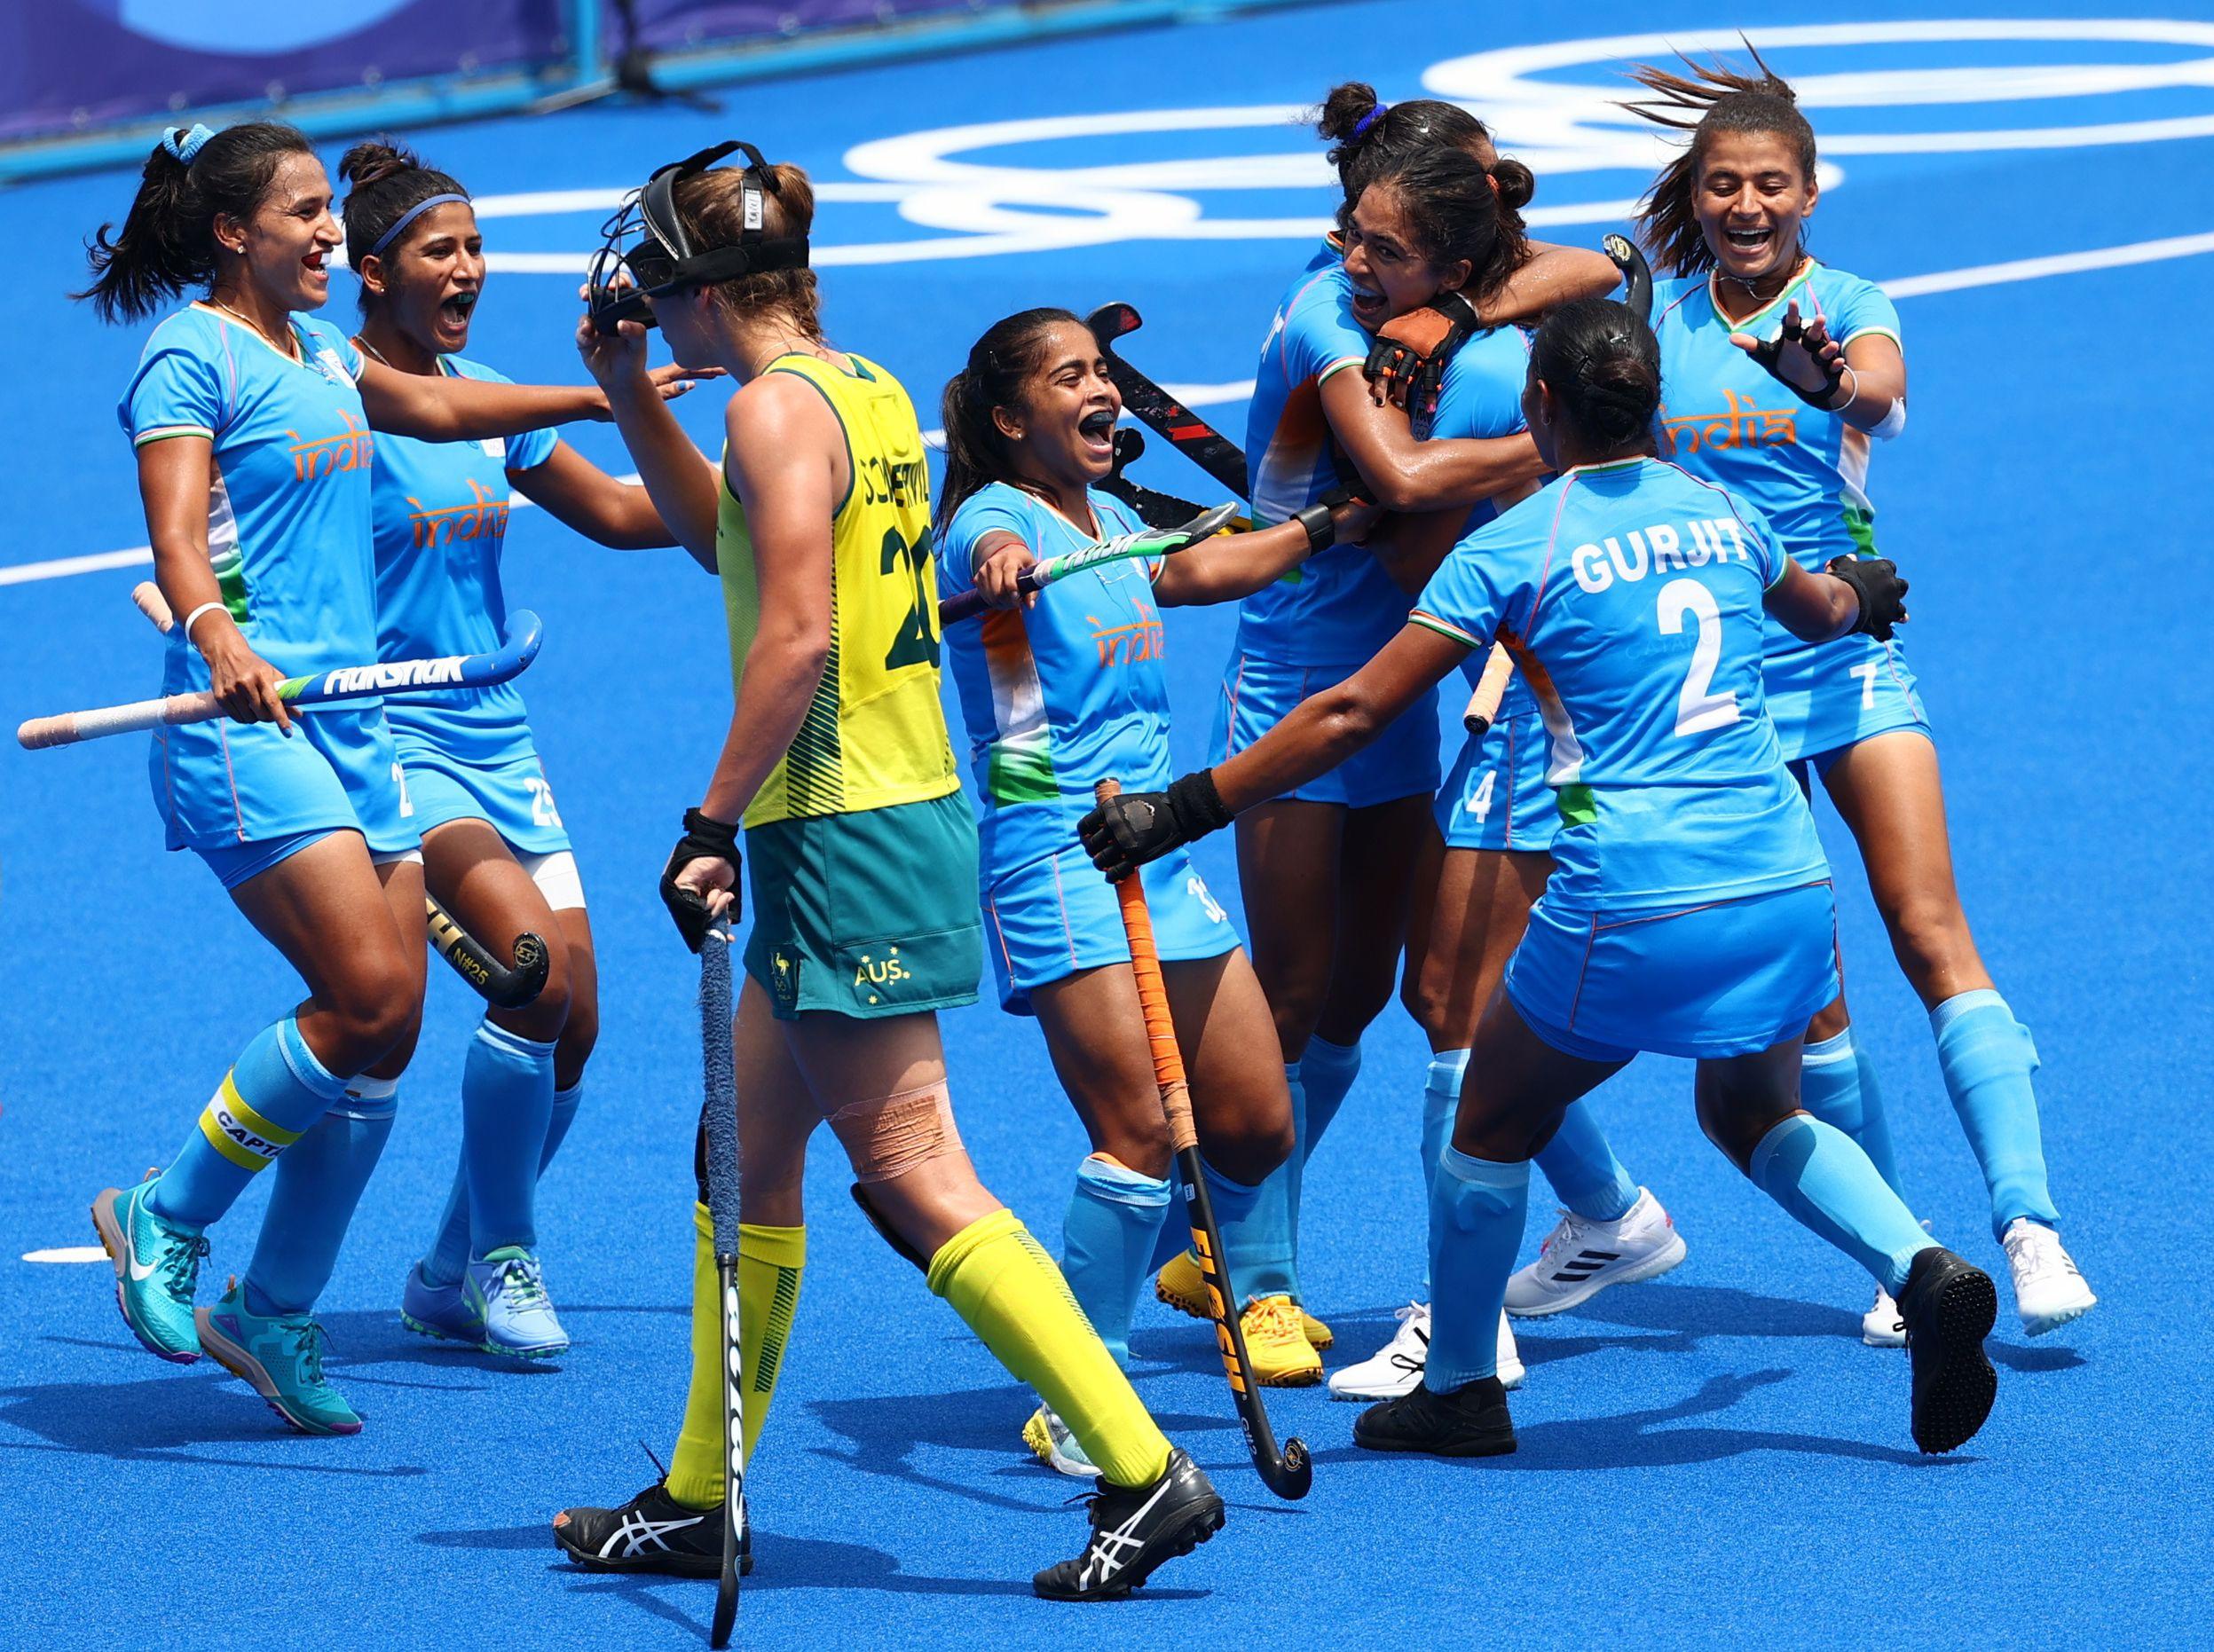 गोल के बाद जश्न मनाती भारतीय टीम।